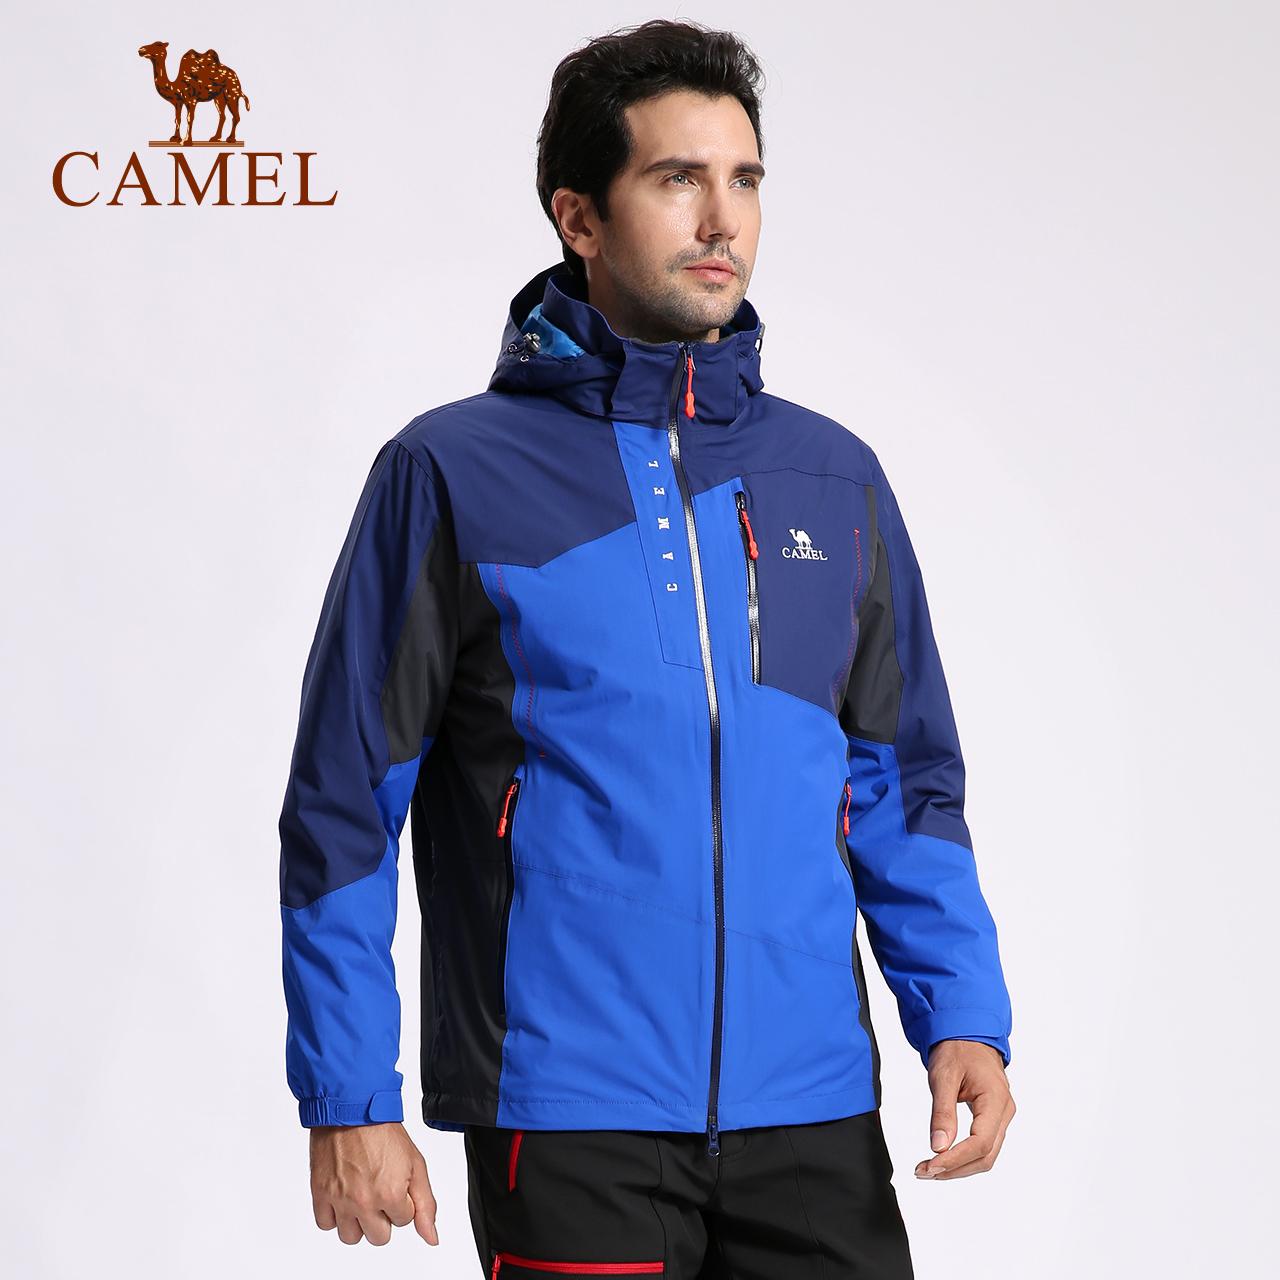 CAMEL骆驼户外冲锋衣男款 防水防风三合一两件套冲锋衣登山服秋冬